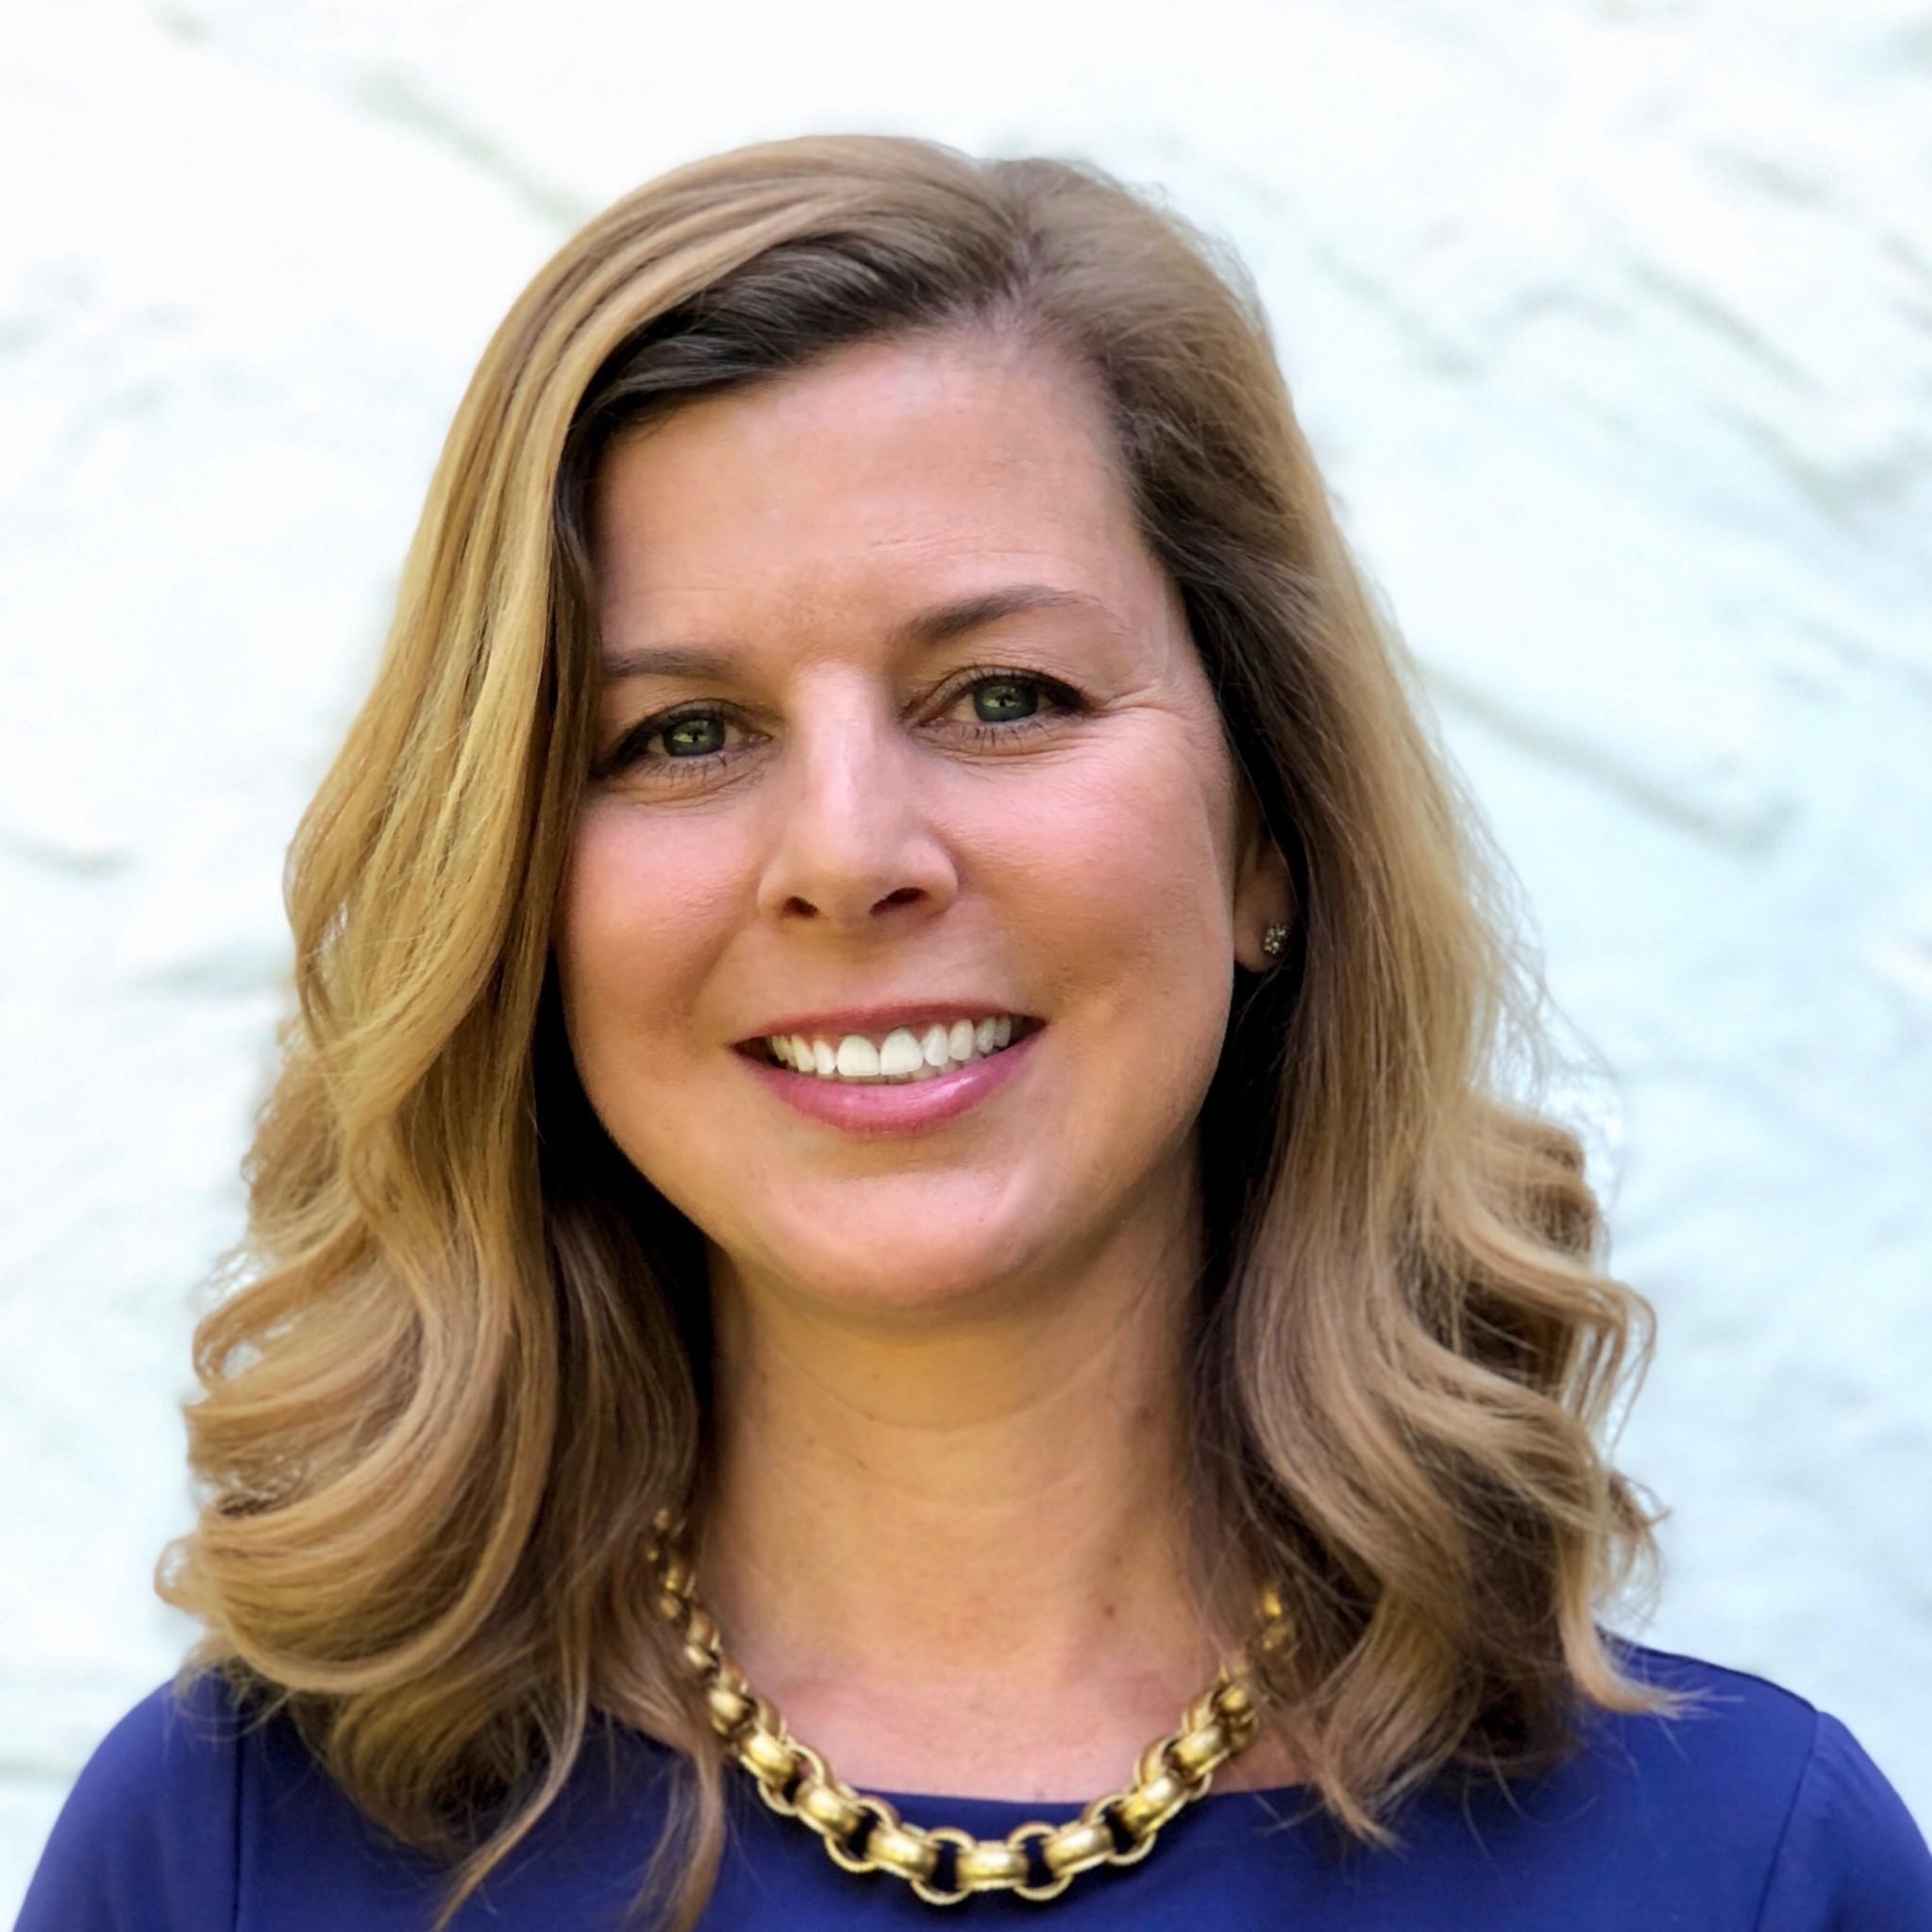 Headshot of Amy Mottola